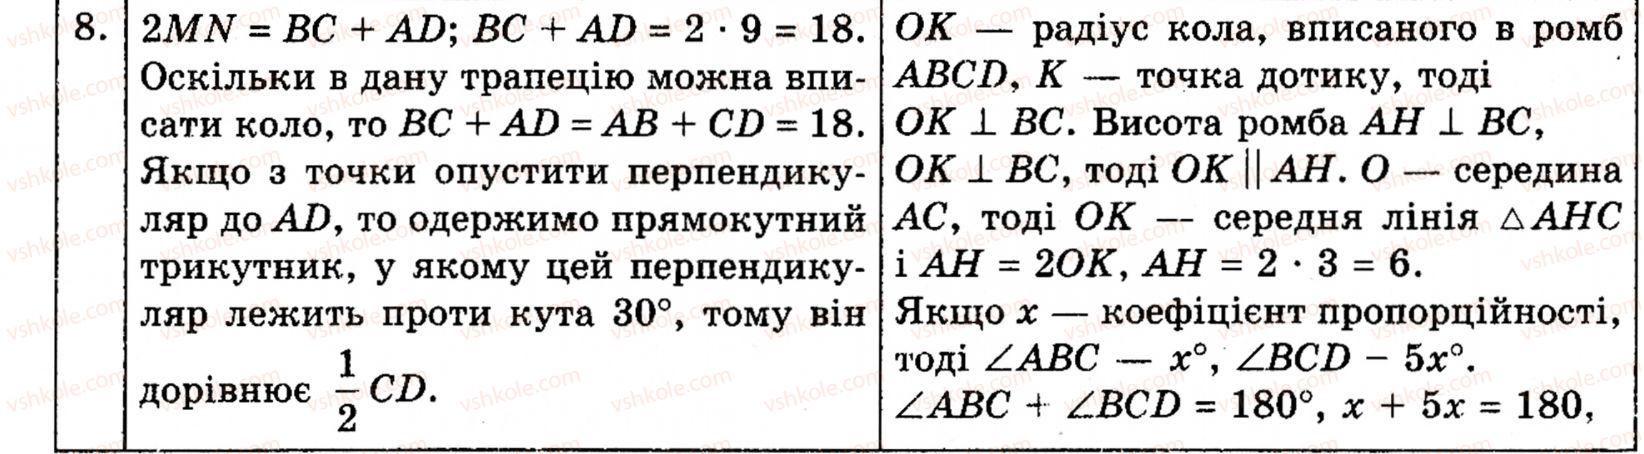 Геометрії класу для з гдз г.п.бевз 7